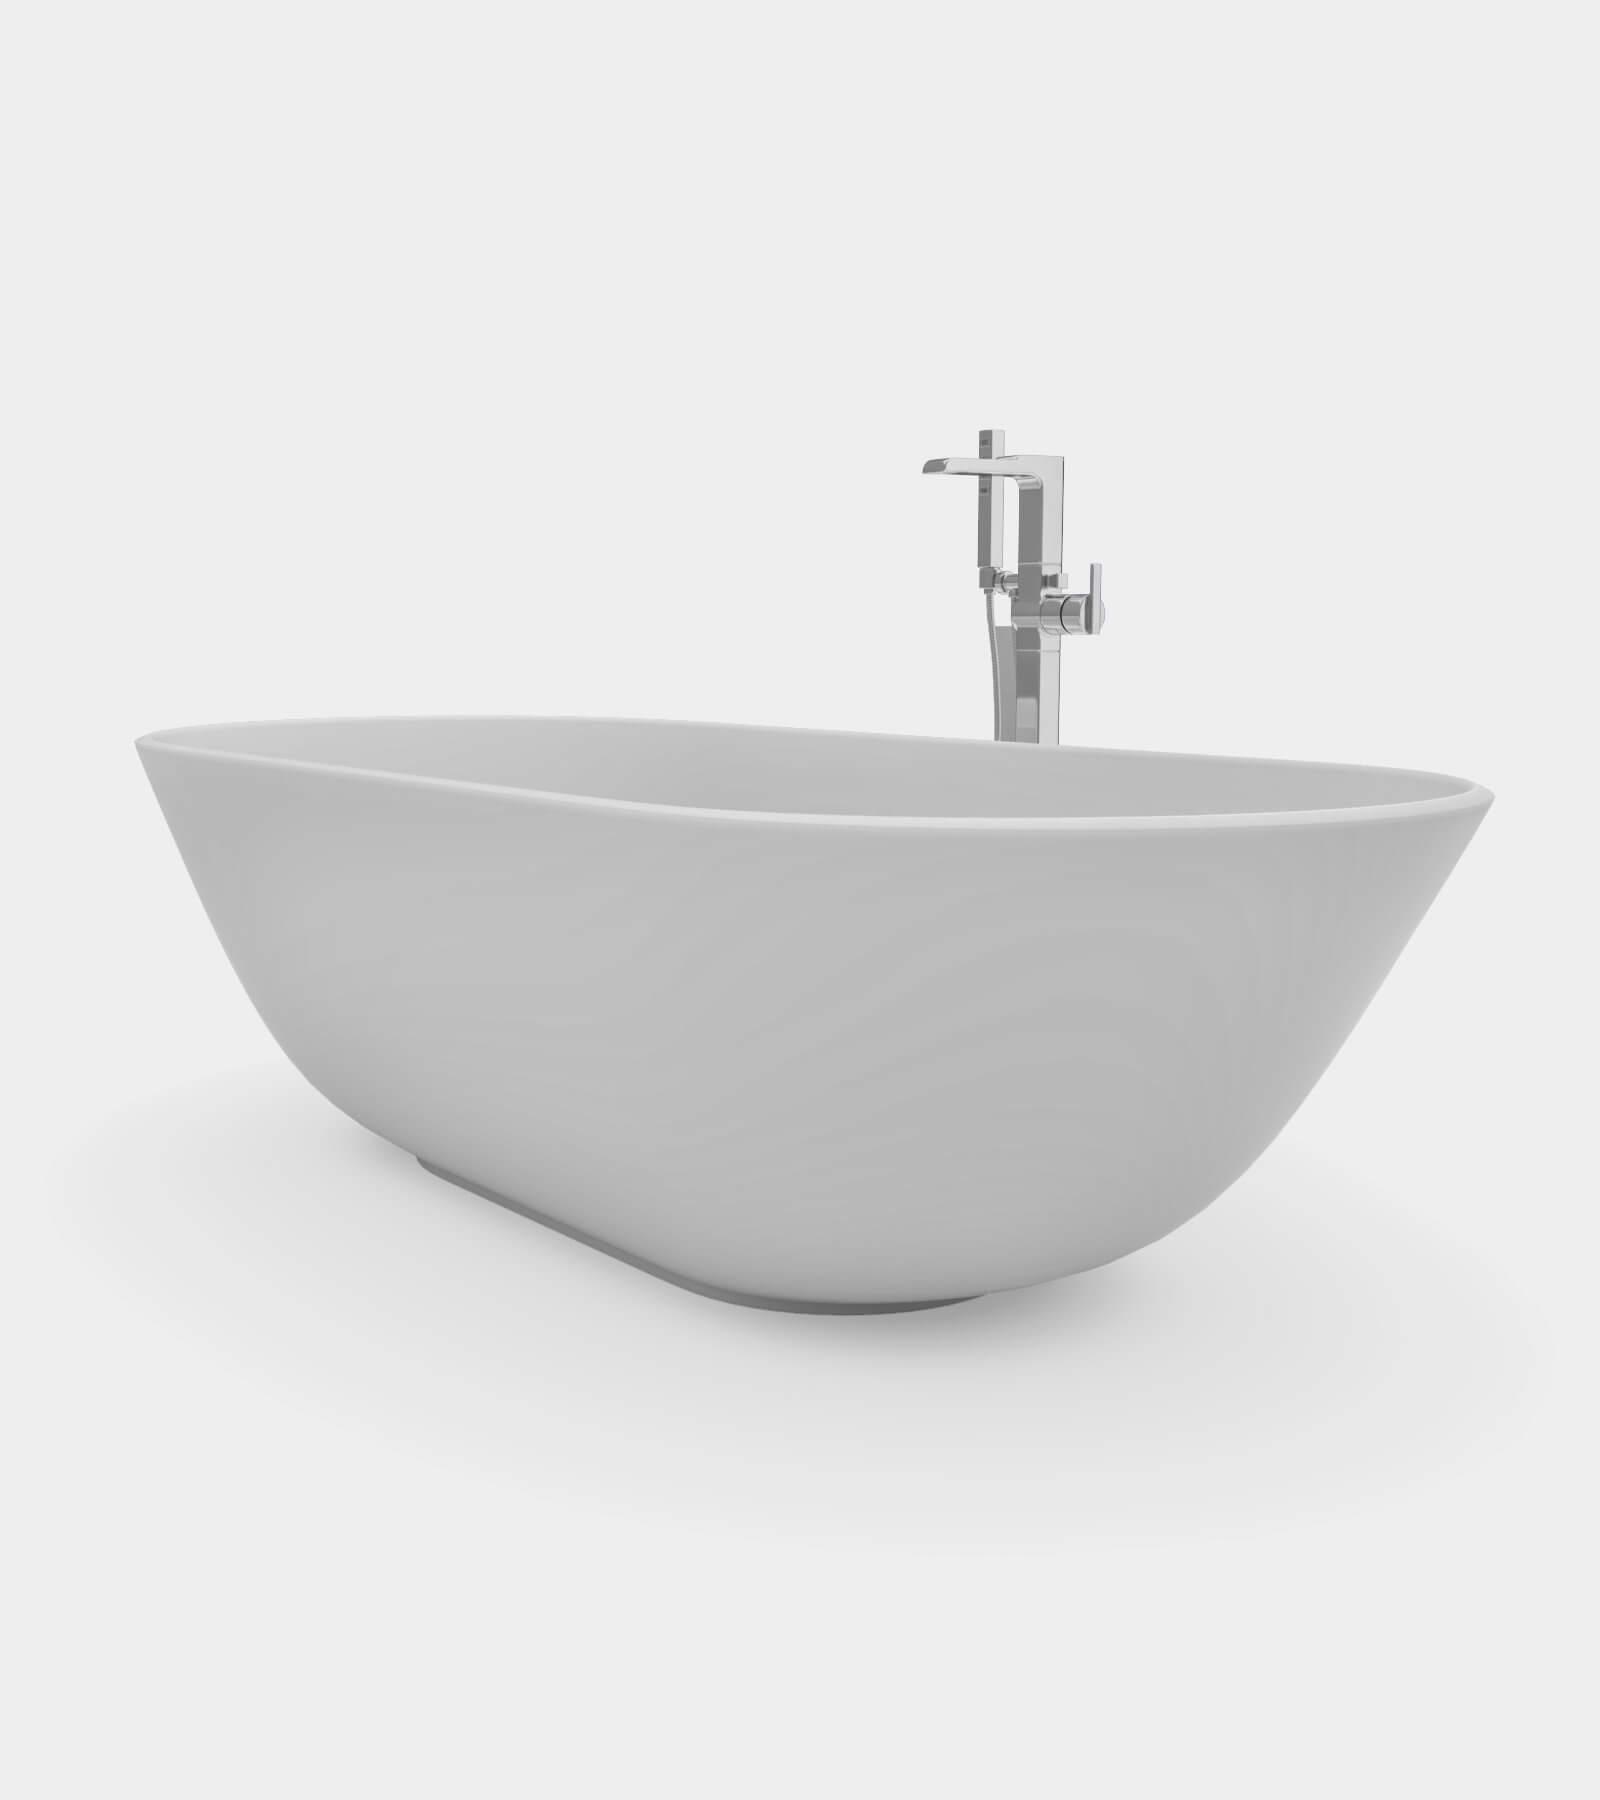 Bathroom Set 1 - 2 3D Model